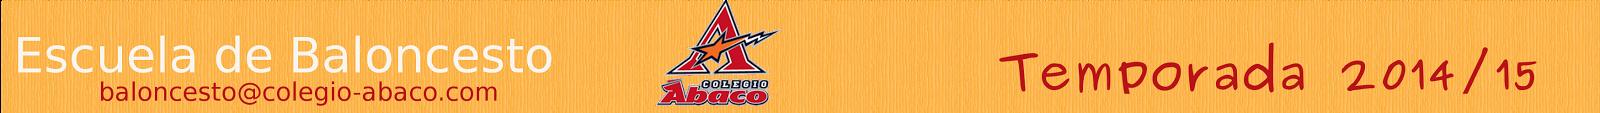 Escuela de Baloncesto Ábaco